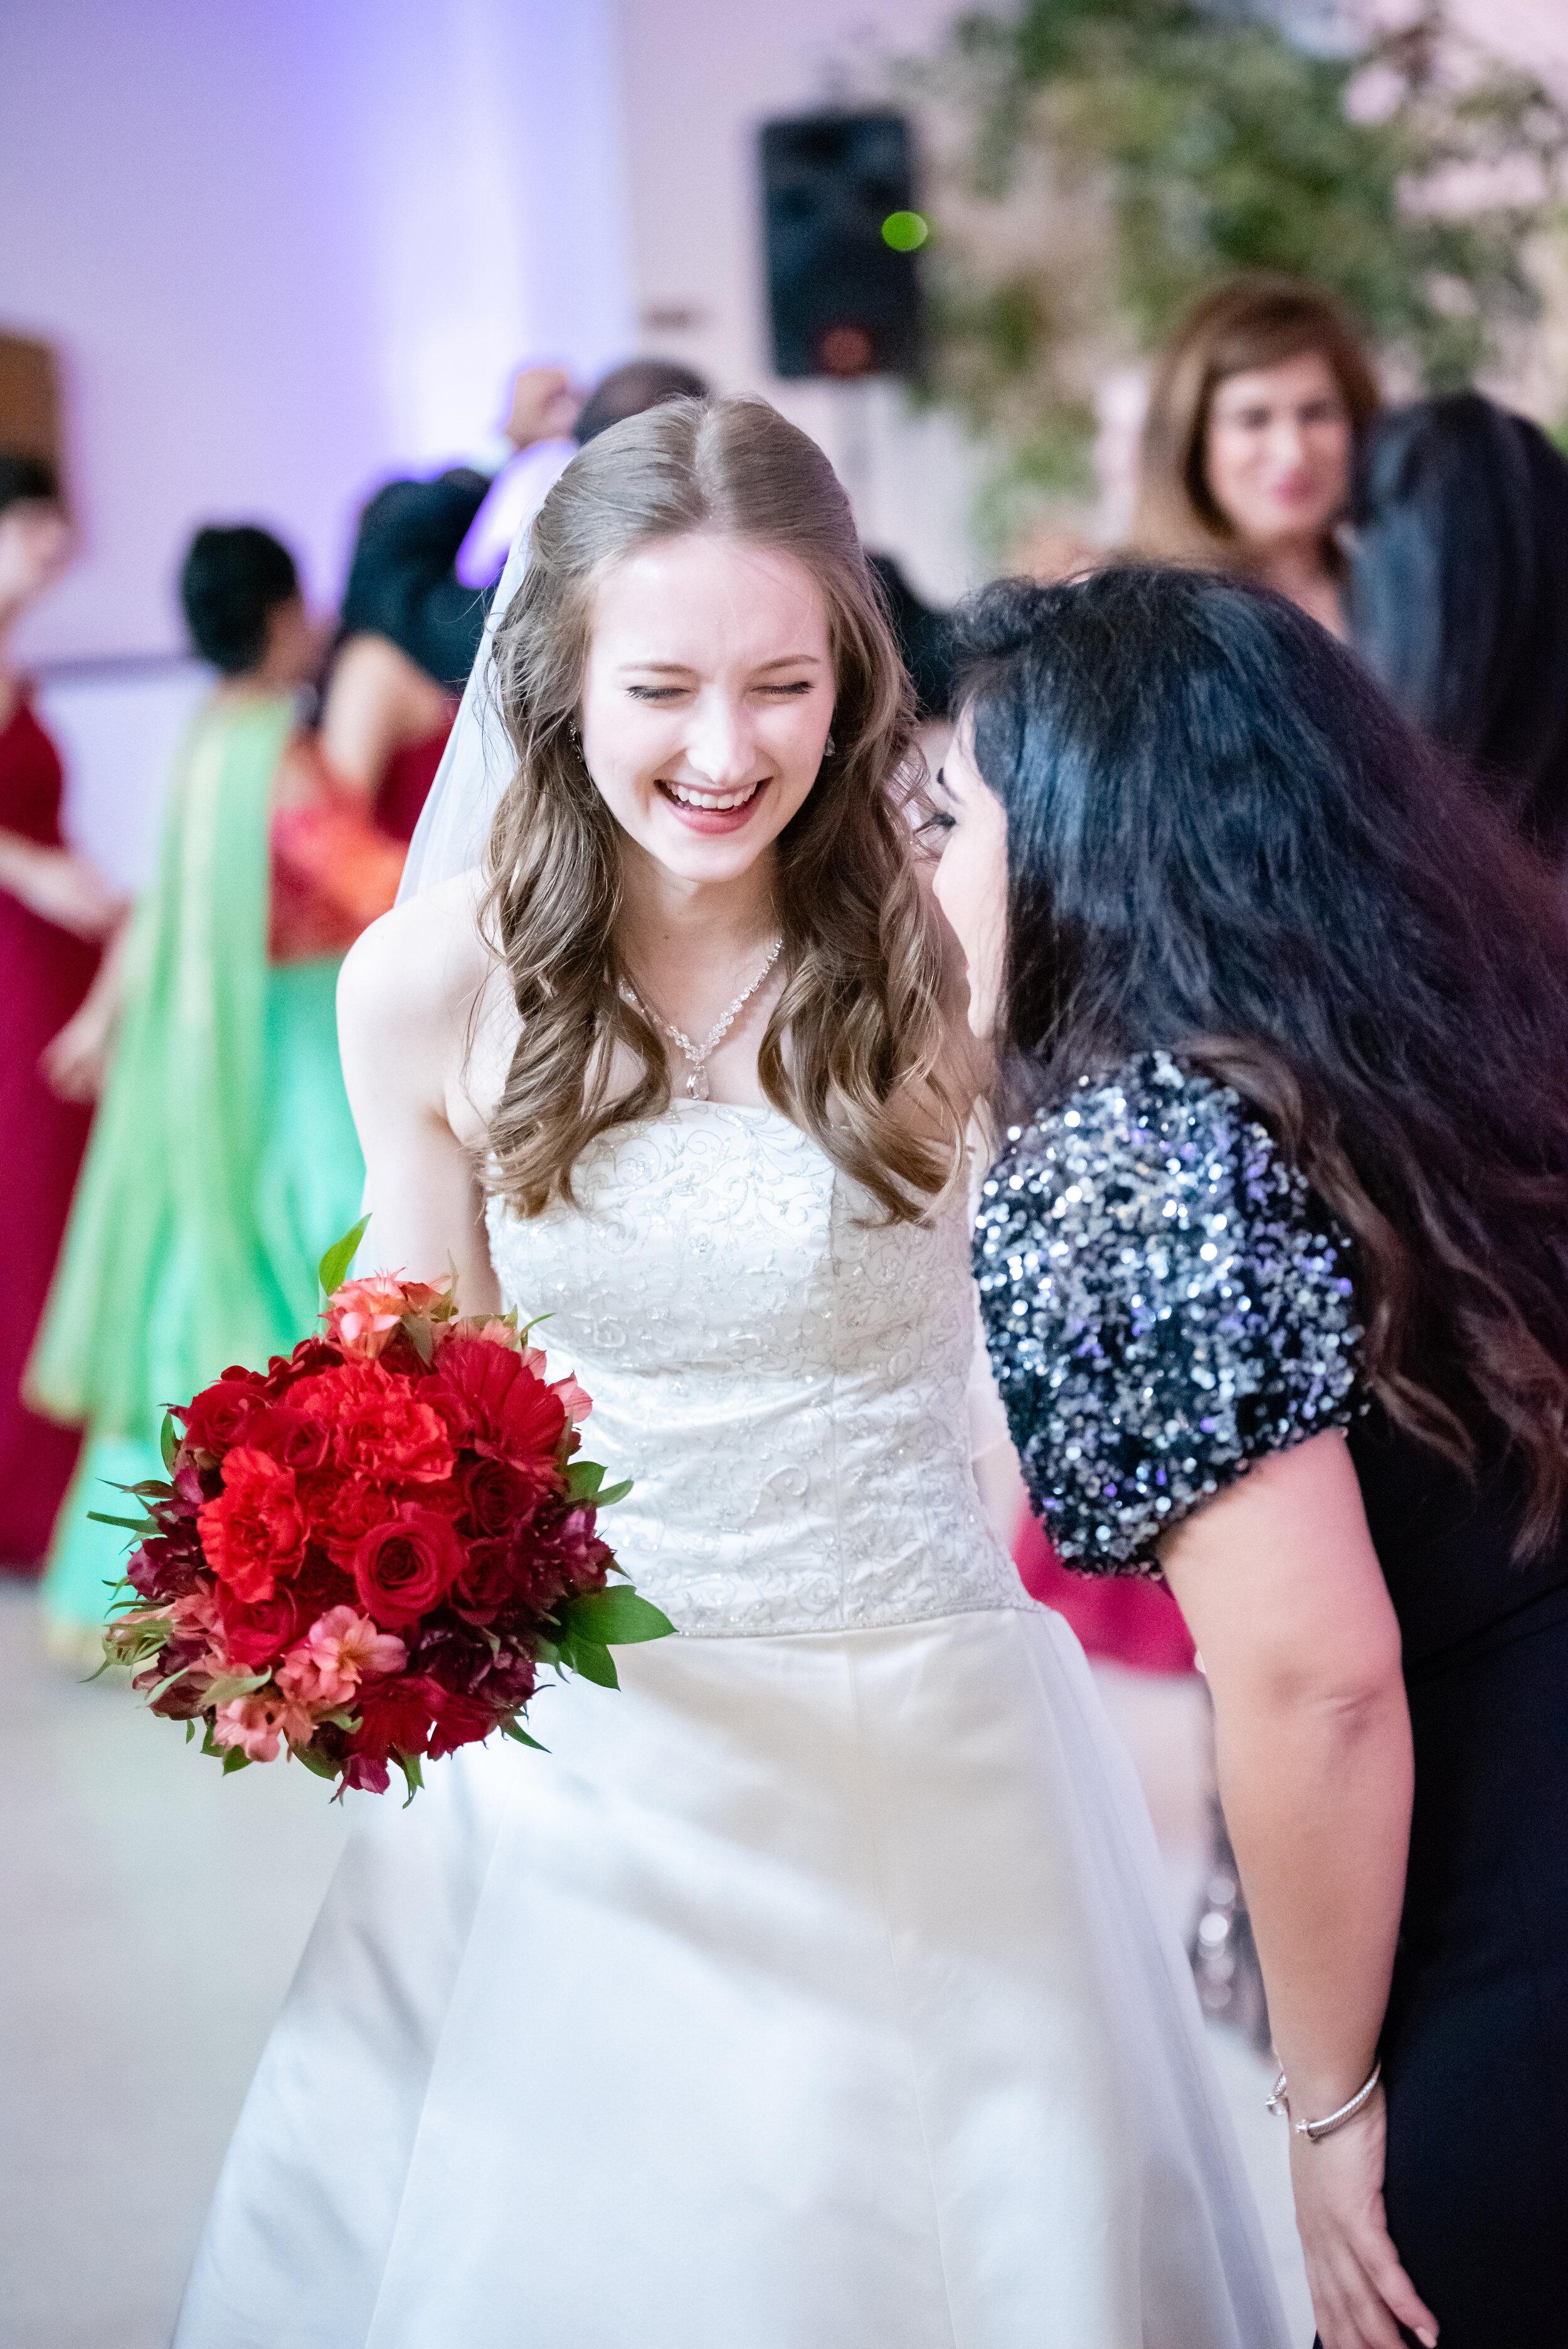 Kaitlyn-Davood-Wedding_7June2019-72.jpg